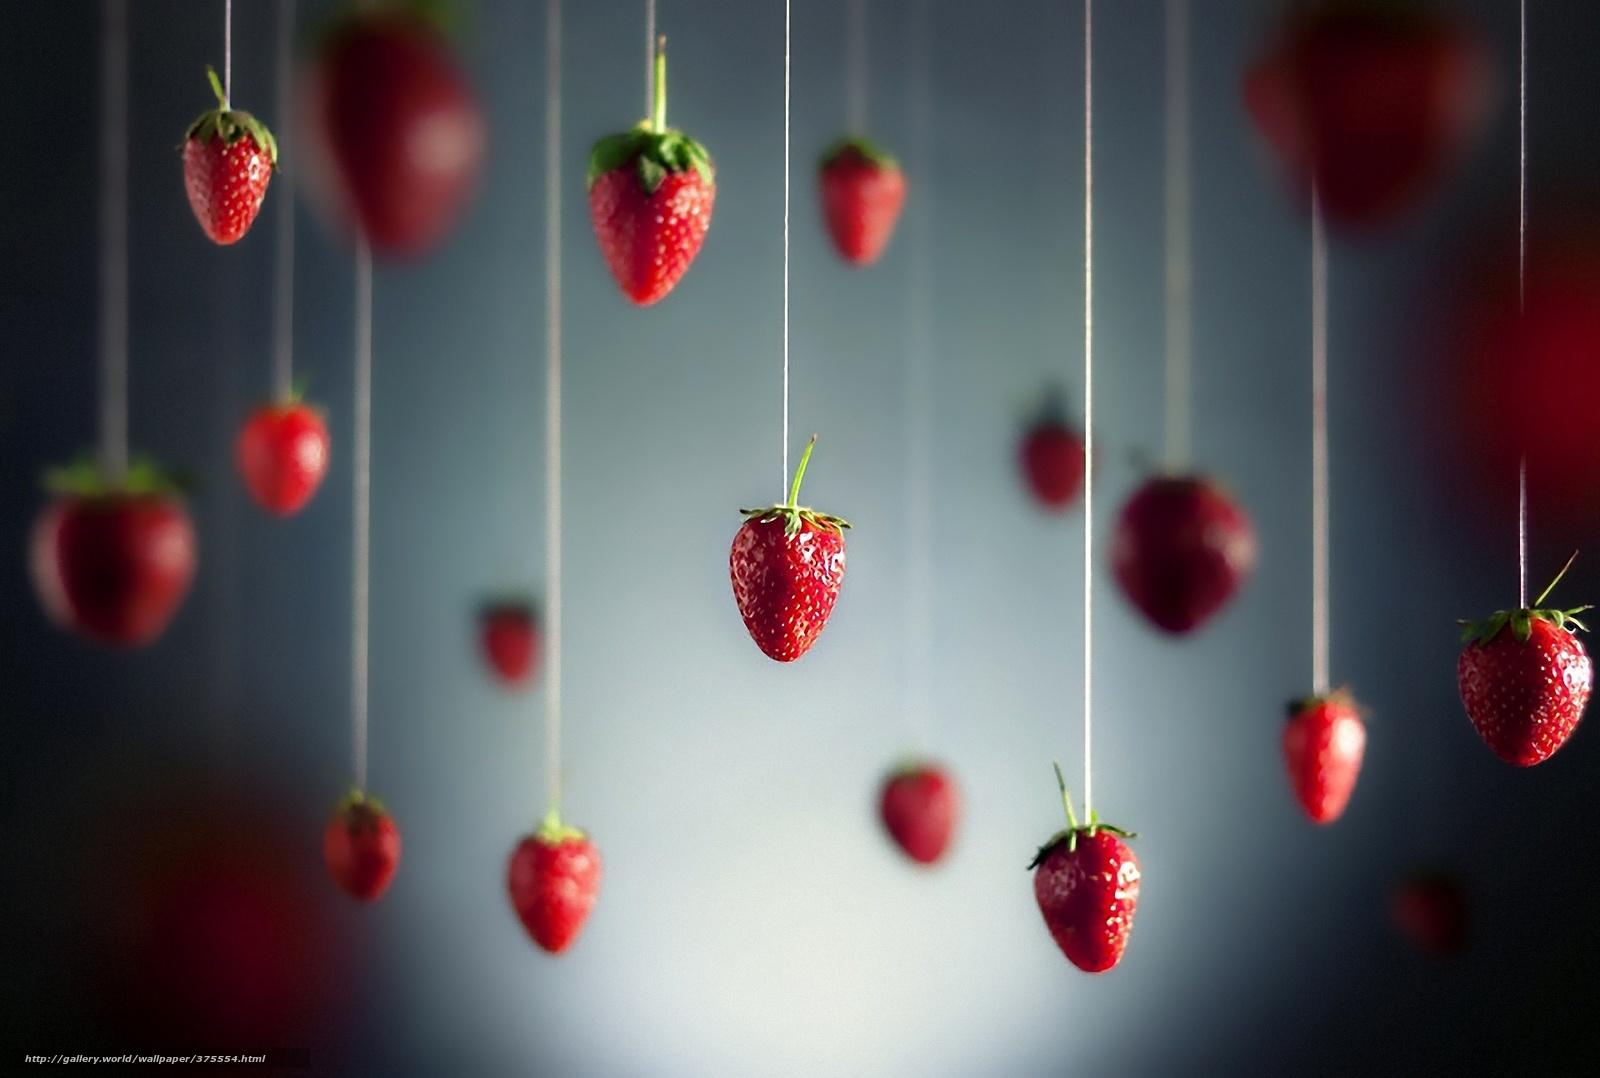 Скачать обои Нитки,  ягода,  земляника бесплатно для рабочего стола в разрешении 1920x1293 — картинка №375554